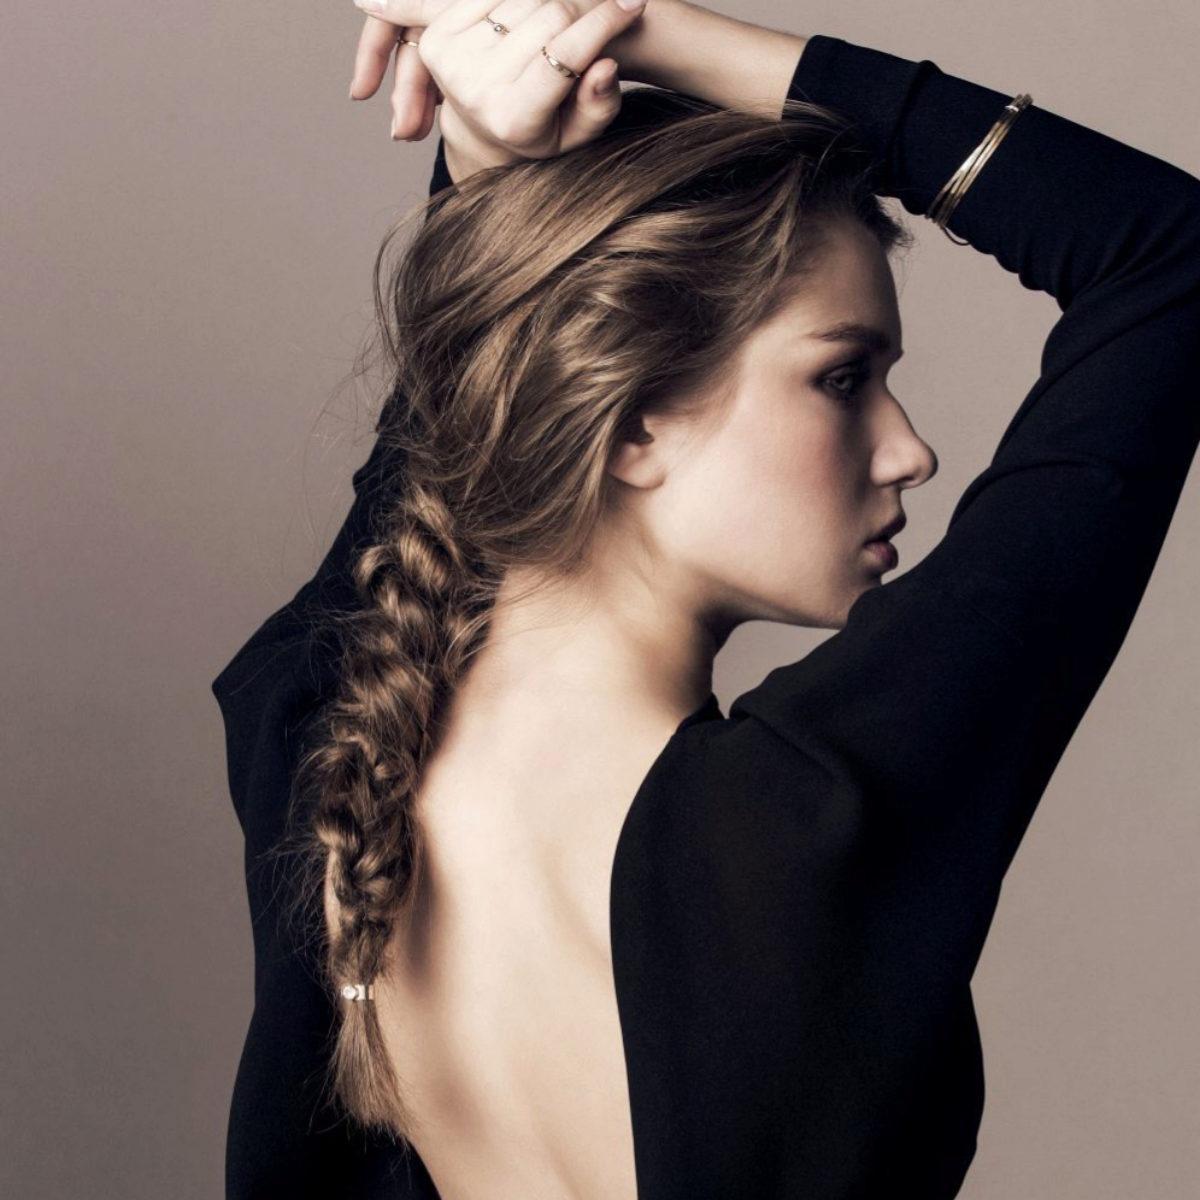 Los peinados para dormir tienen muchas más ventajas y entre otras...